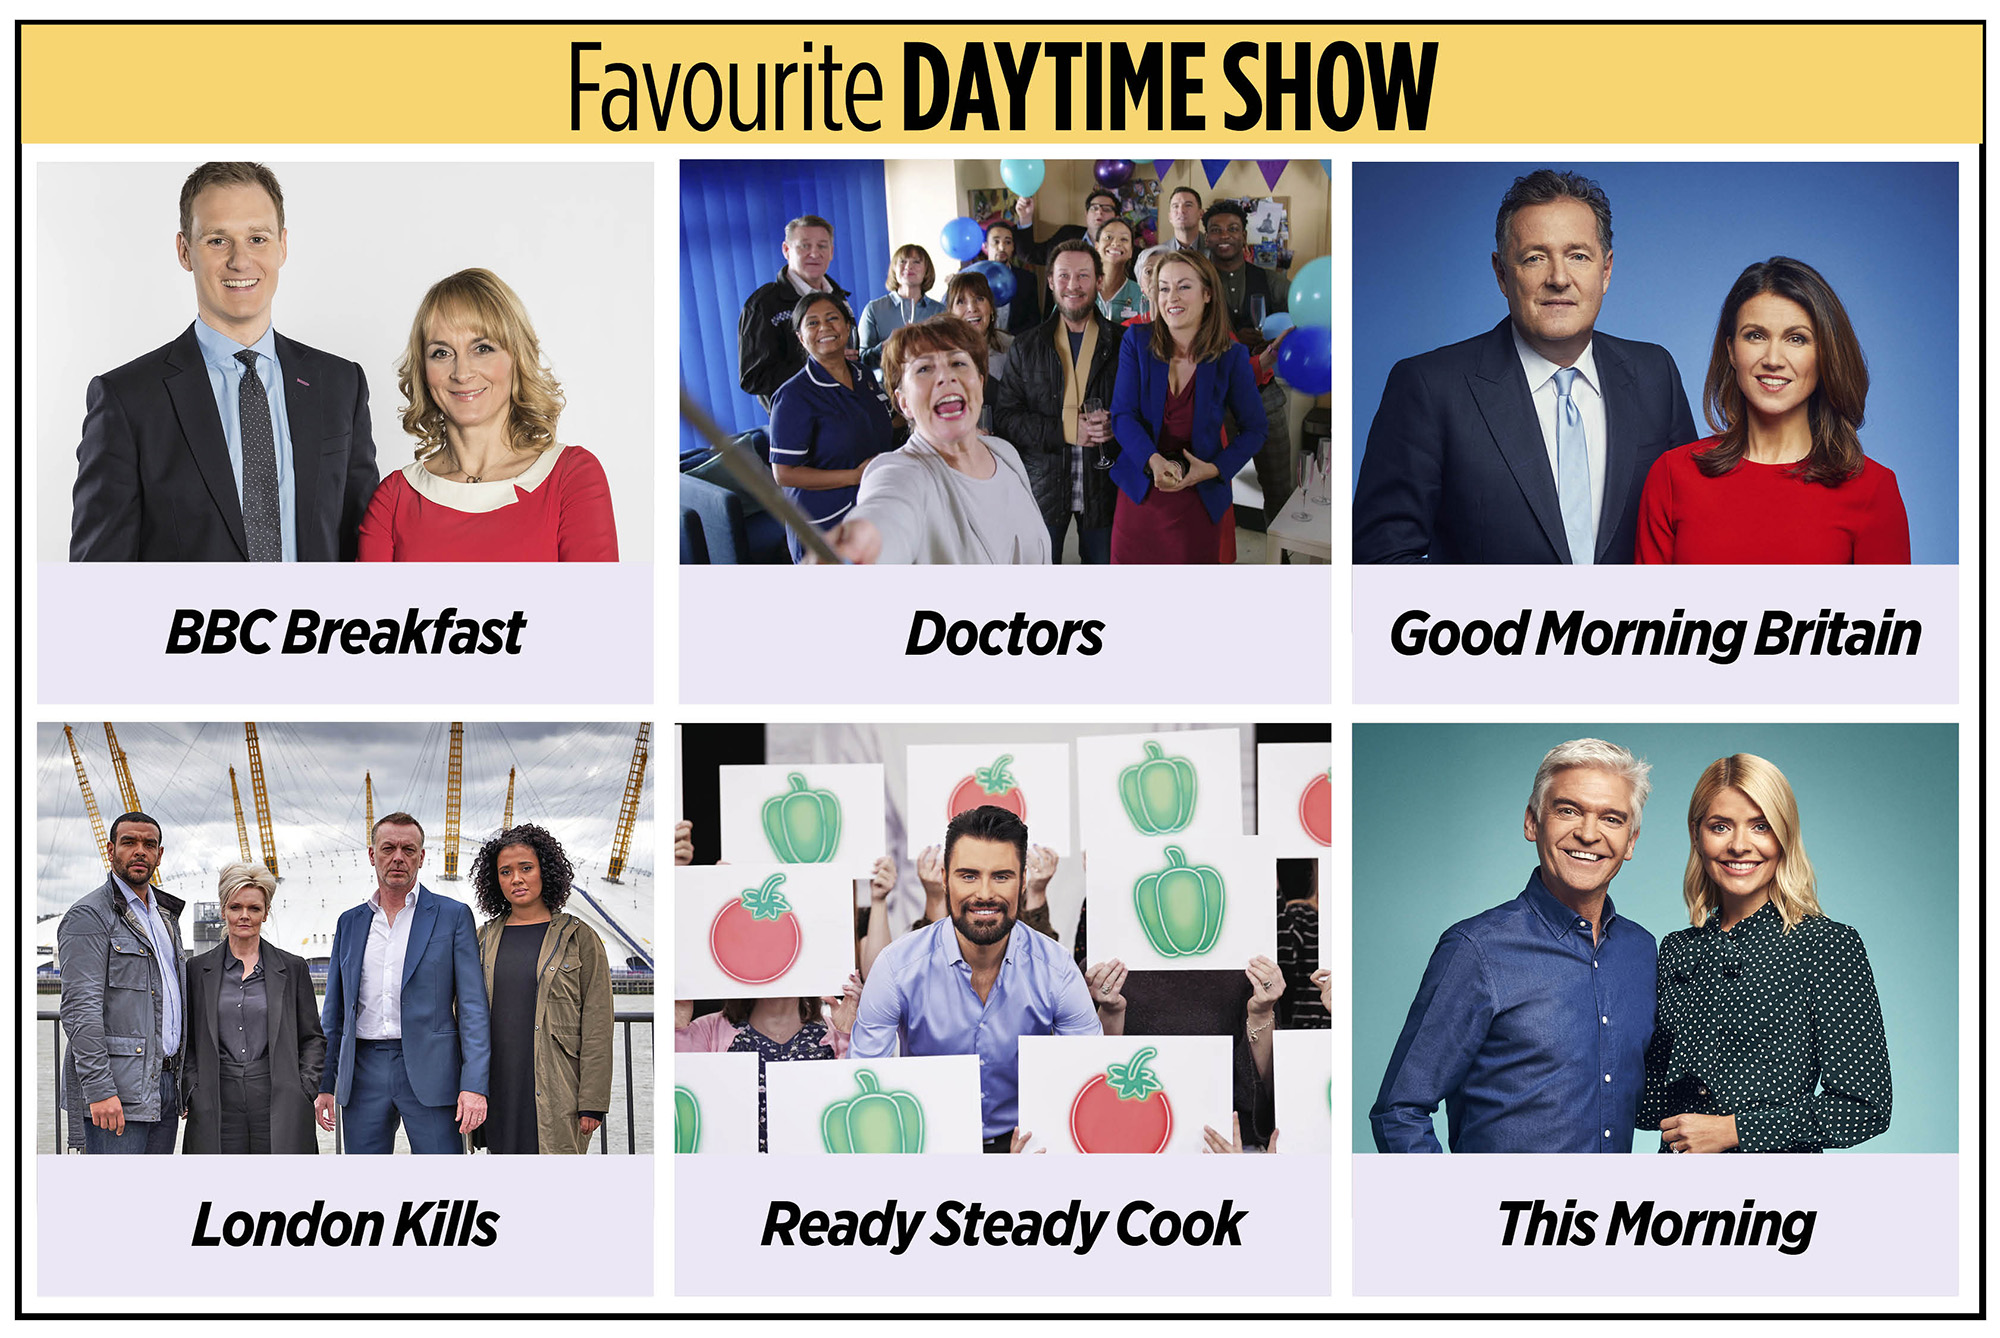 Premios a la hora favorita del día TV Times 2020